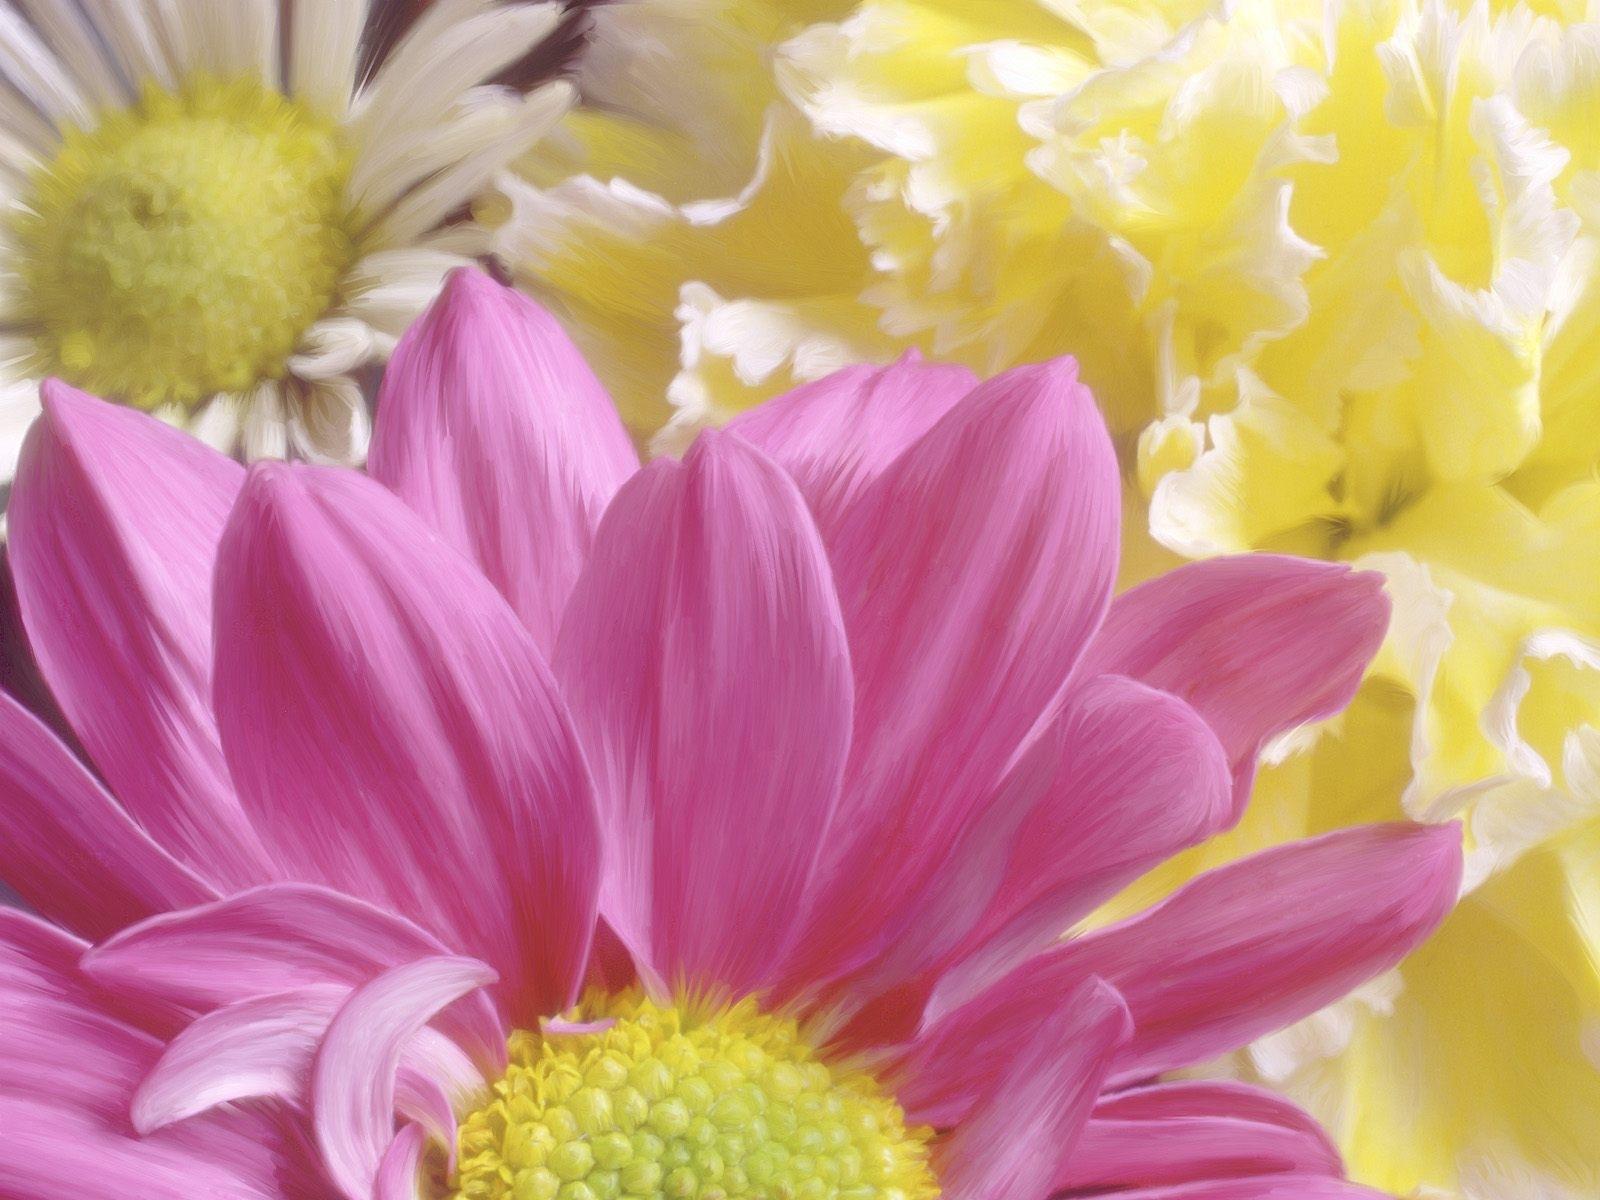 8653 скачать обои Растения, Цветы, Хризантемы, Рисунки - заставки и картинки бесплатно